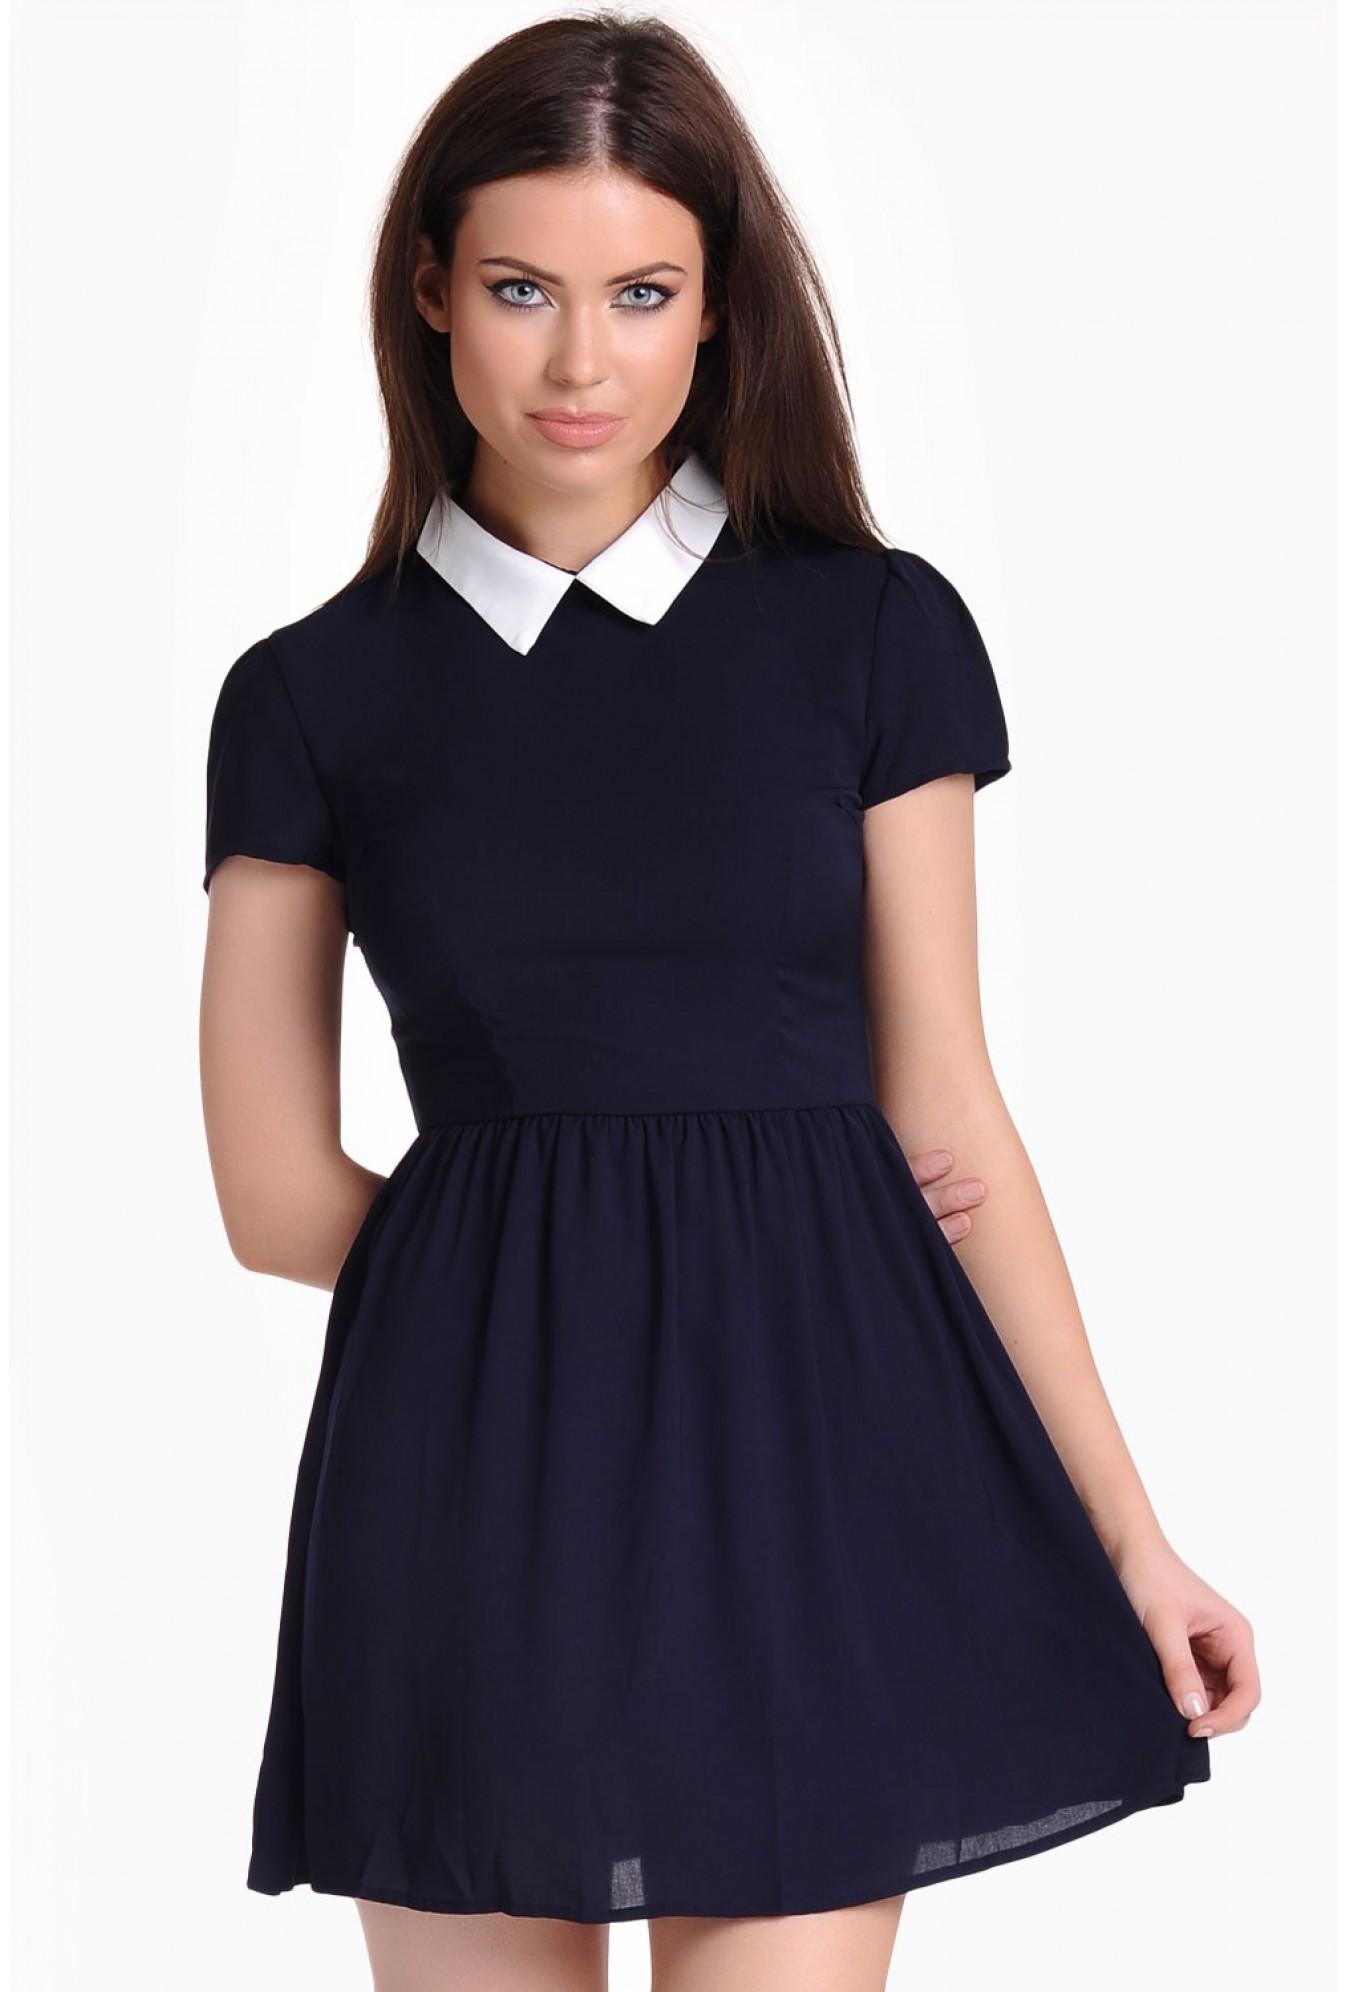 Glamorous Naya Collar Skater Dress in Navy  3af398c79